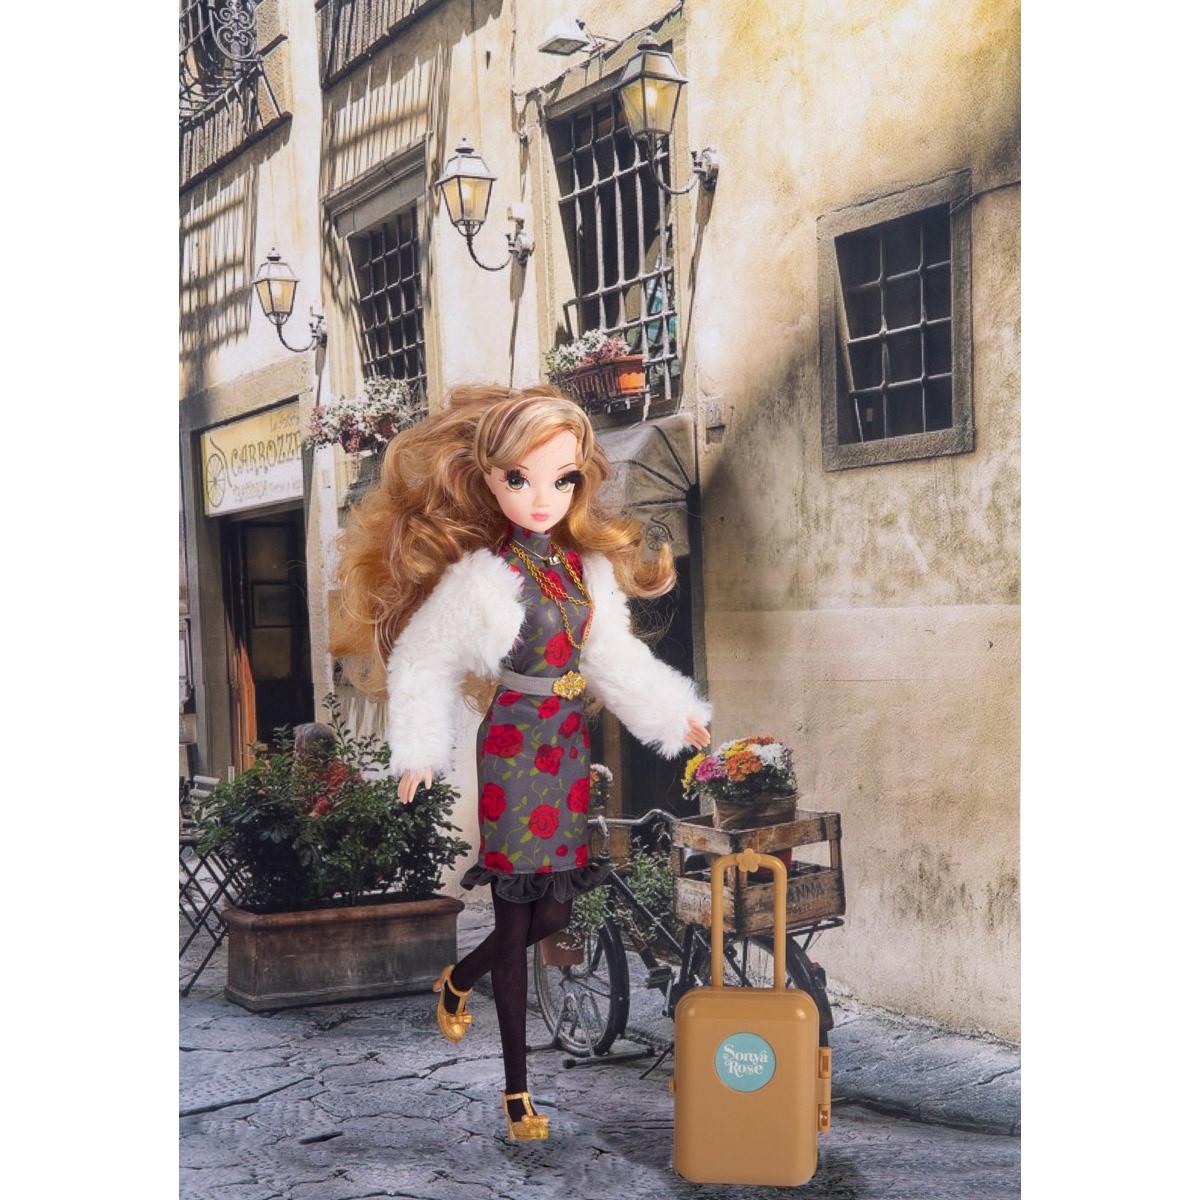 """Кукла Sonya Rose, серия """"Daily collection"""" Путешествие в Италию (Gulliver, Россия) - фото 3"""